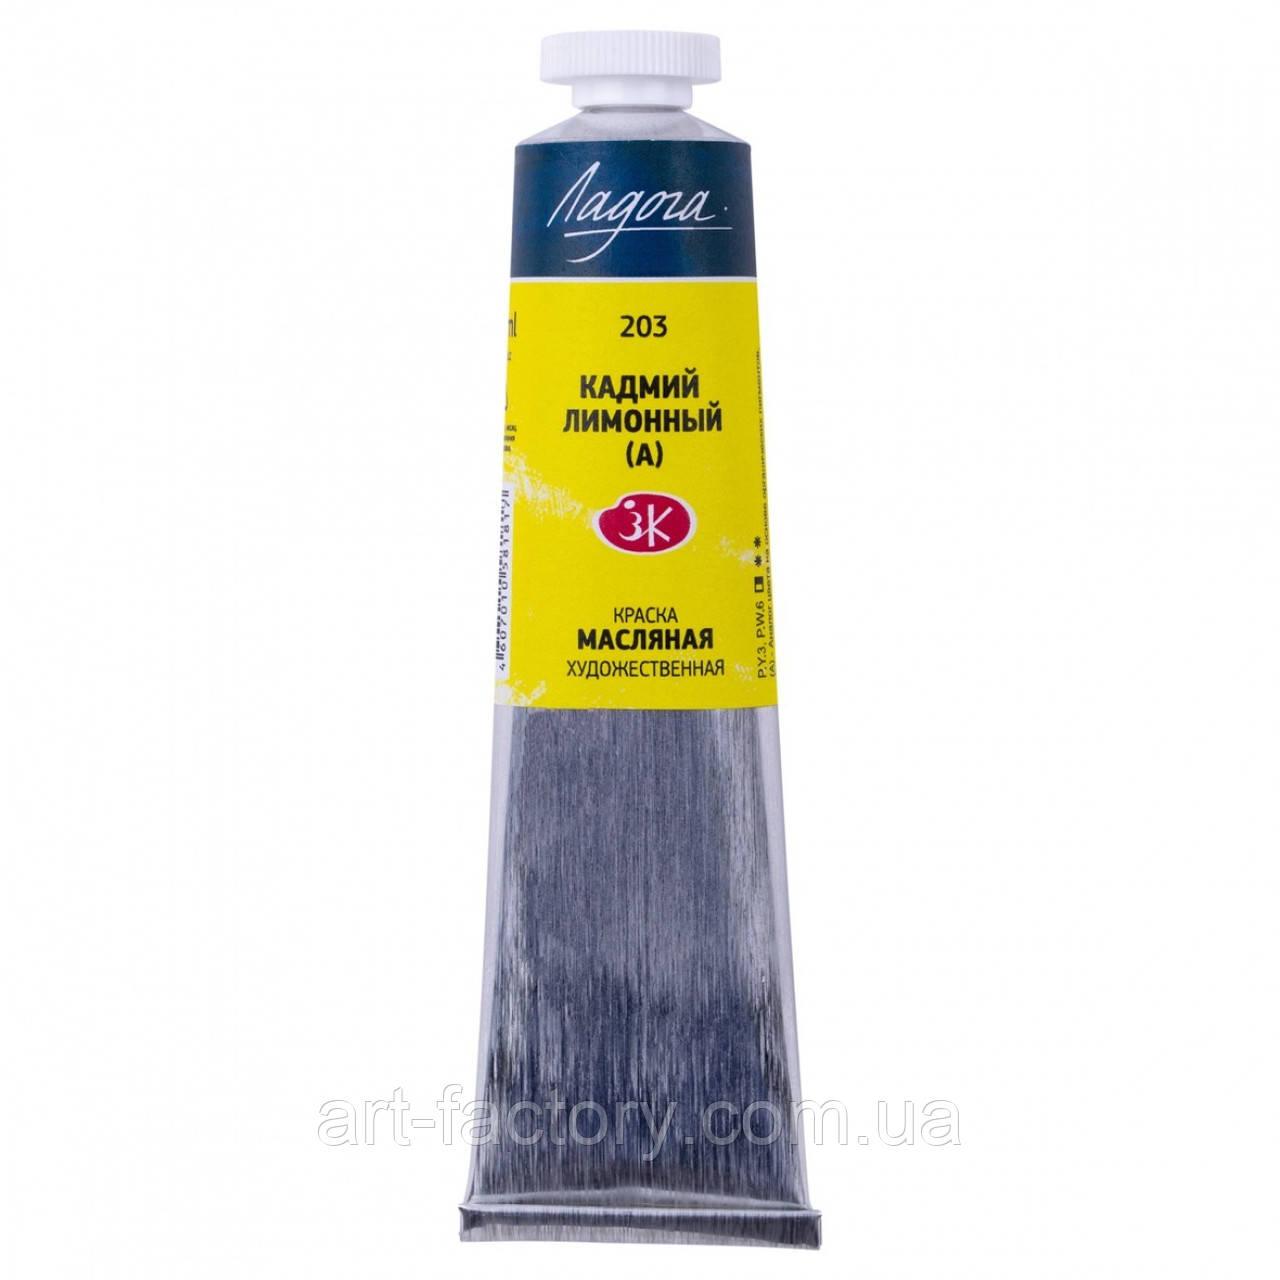 Краска масляная Ладога кадмий лимонный (А) 46мл, Невская Палитра